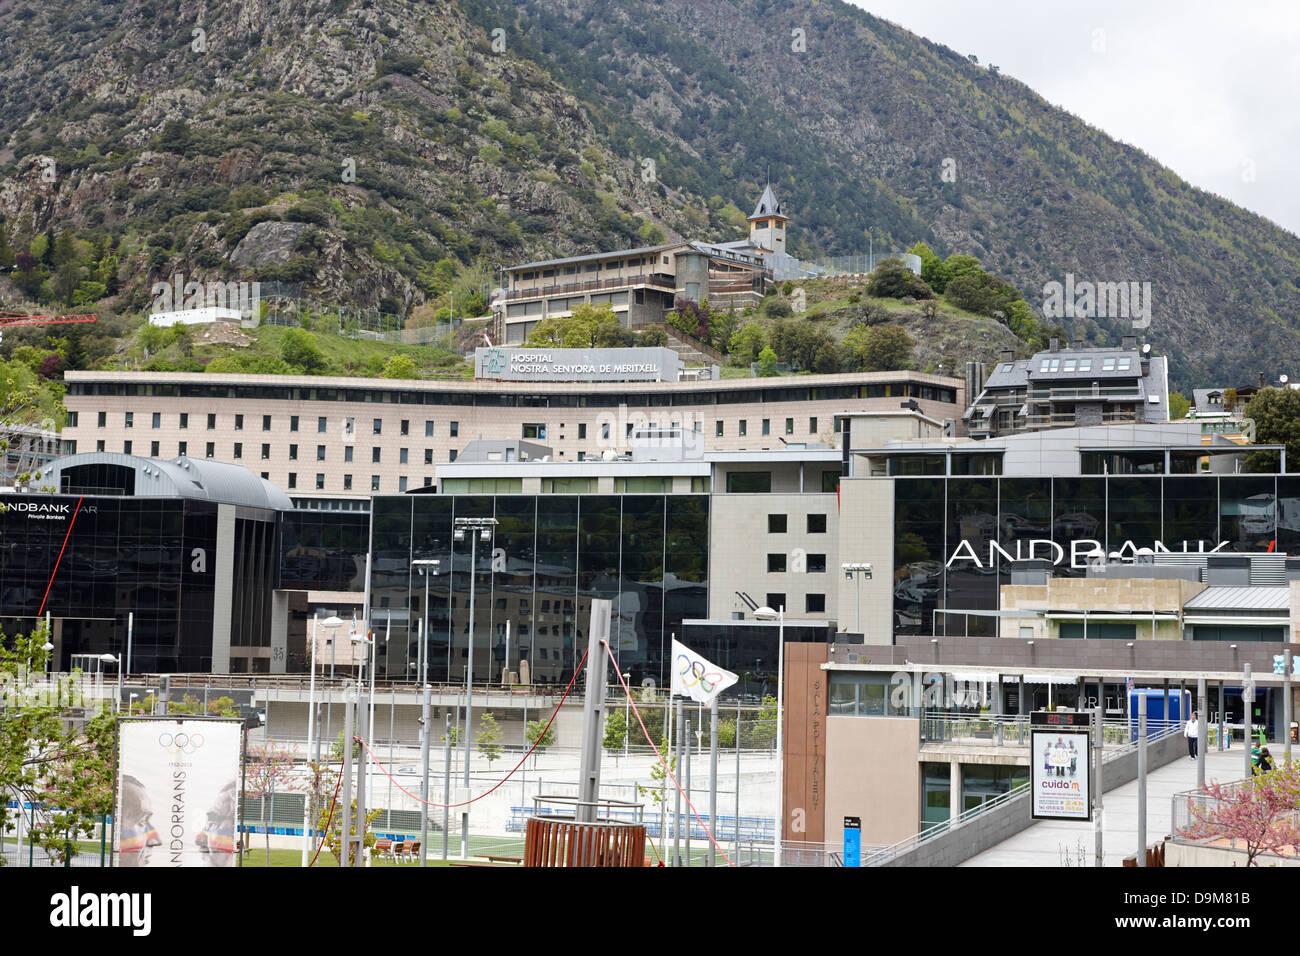 view over andorran including andbank and hospital nostra senyora de meritxell and collegi sant ermengol andorra Stock Photo